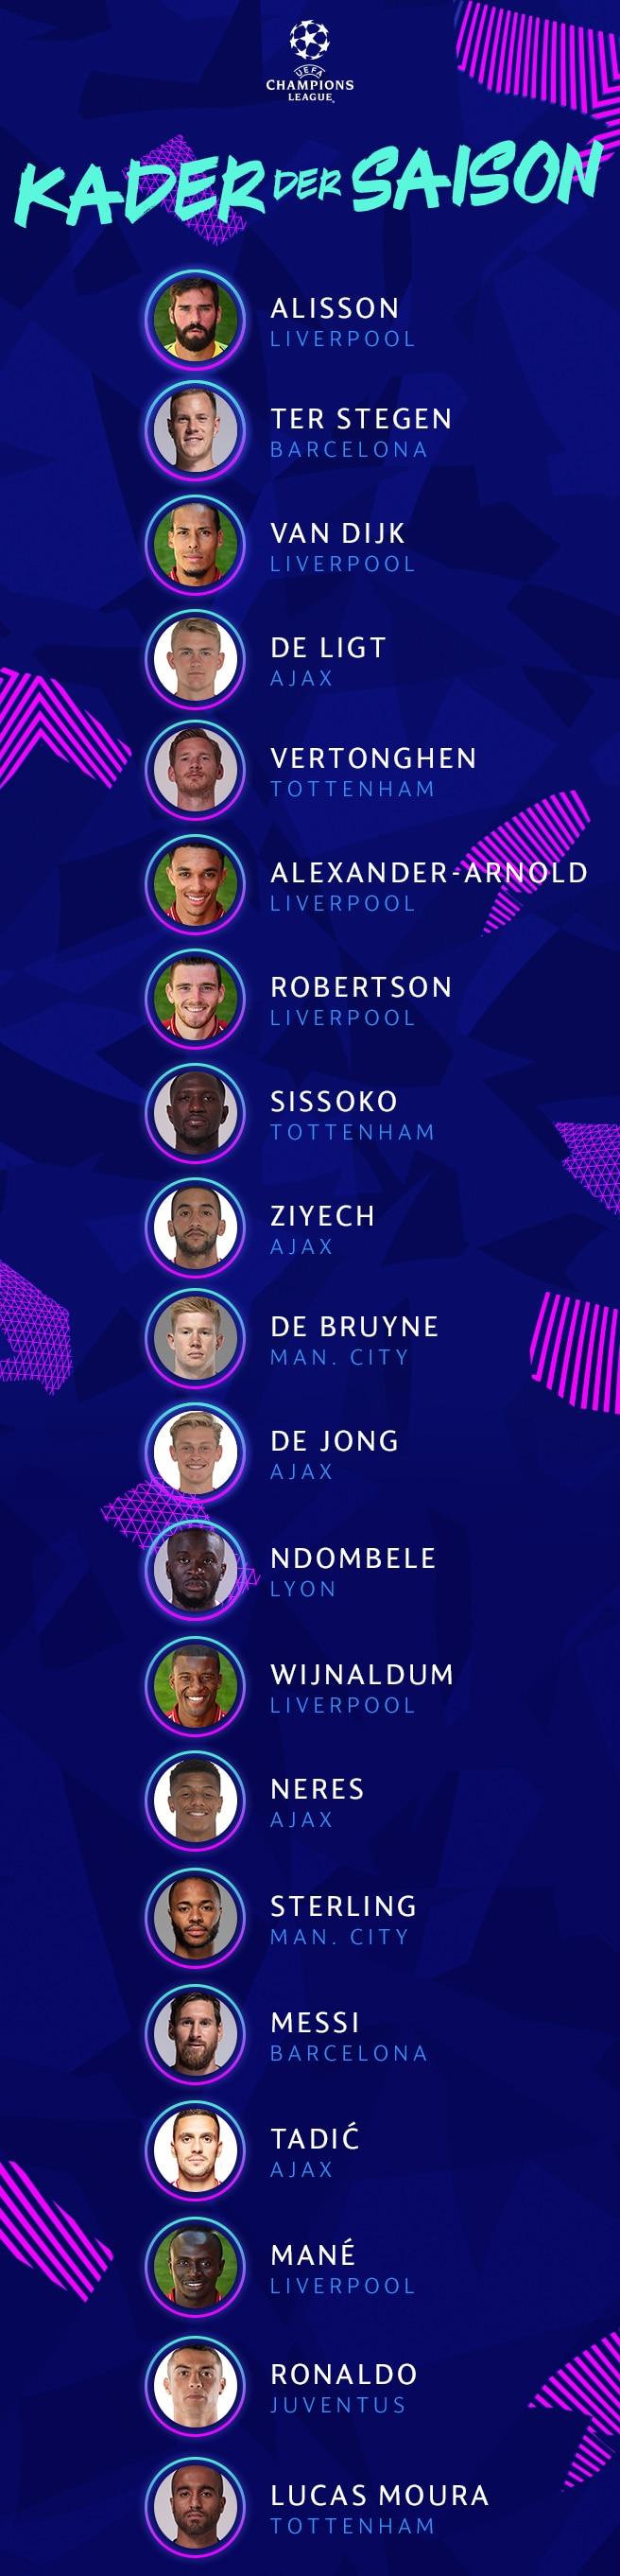 UCL Kader der Saison